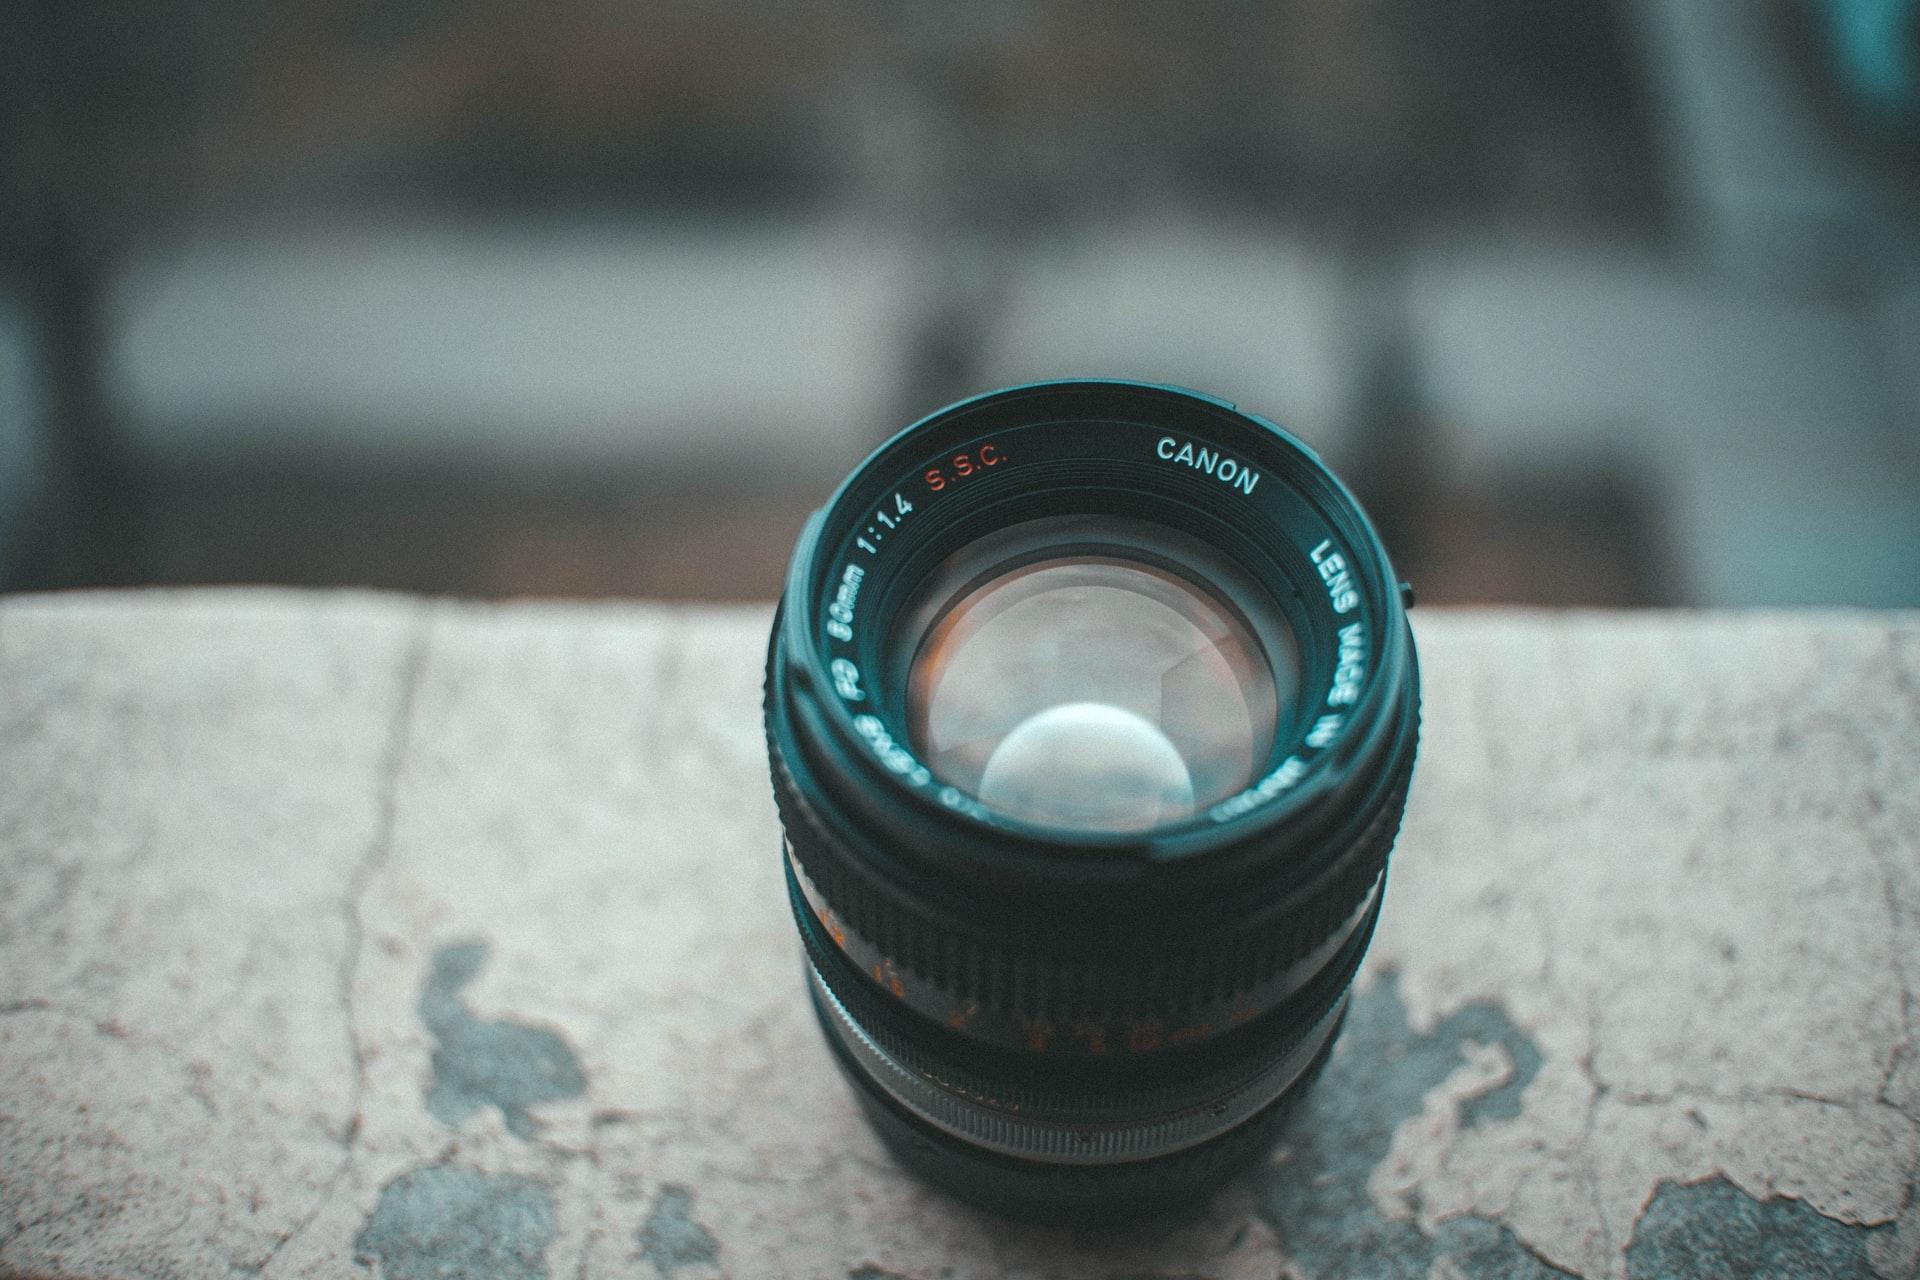 Qual lente comprar depois da do kit